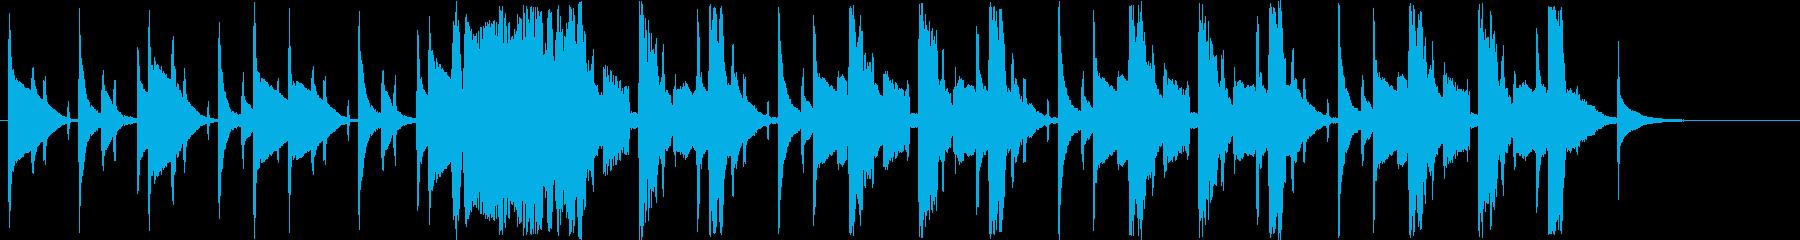 どきどき感のシンセサイザー短めジングルの再生済みの波形